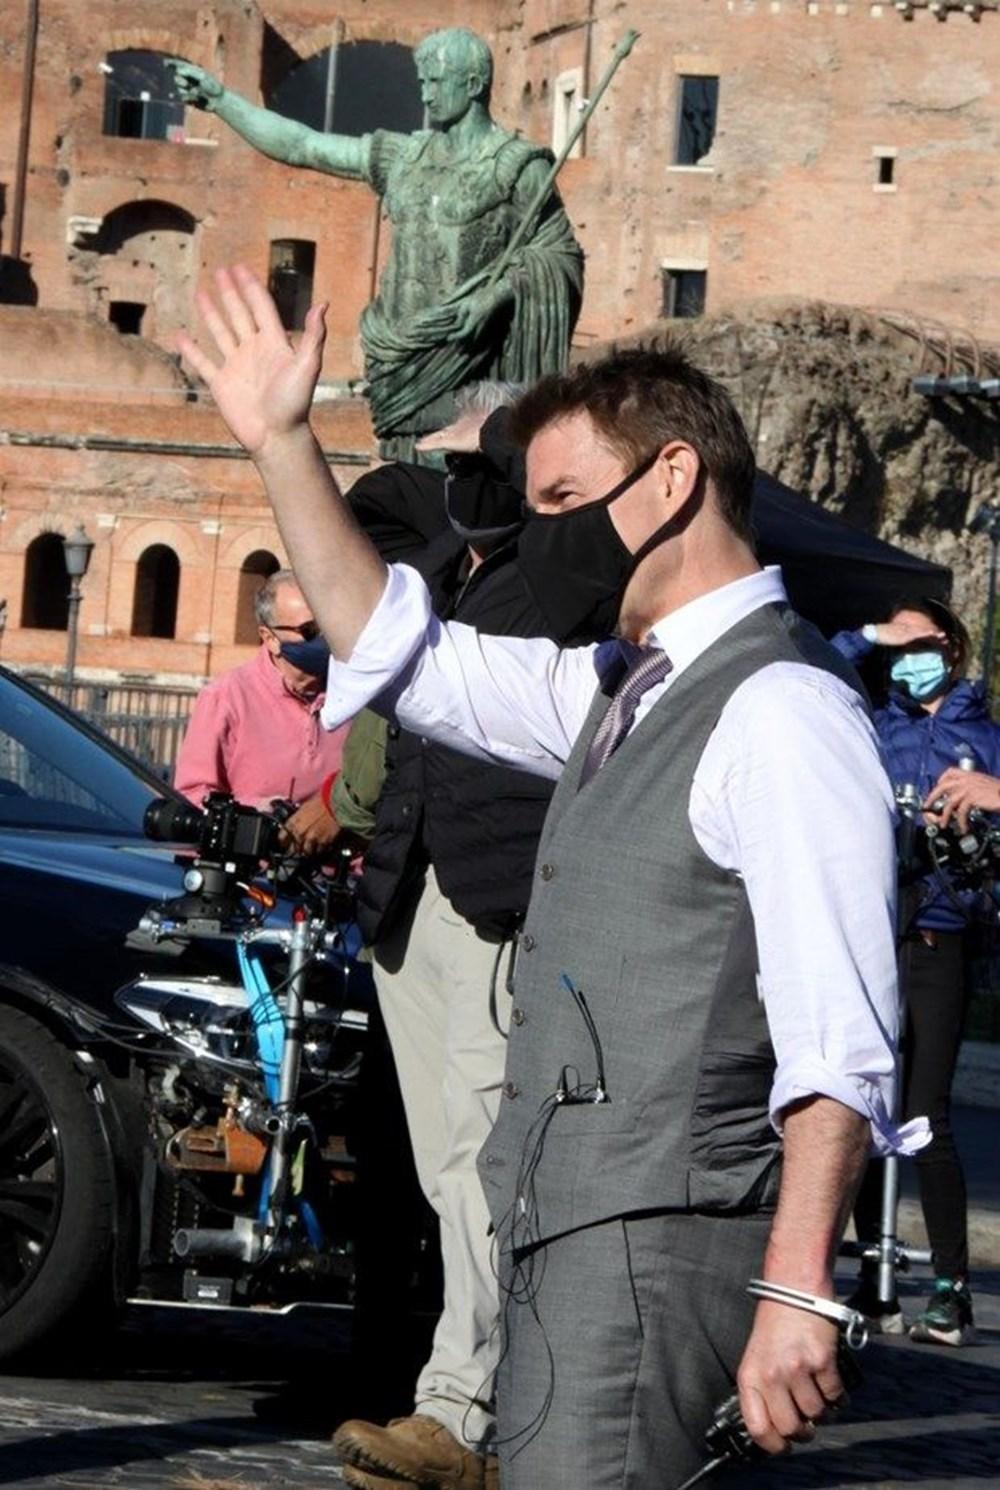 Tom Cruise'un ses kaydının ardından Görevimiz Tehlike'den 5 kişi kovuldu - 7